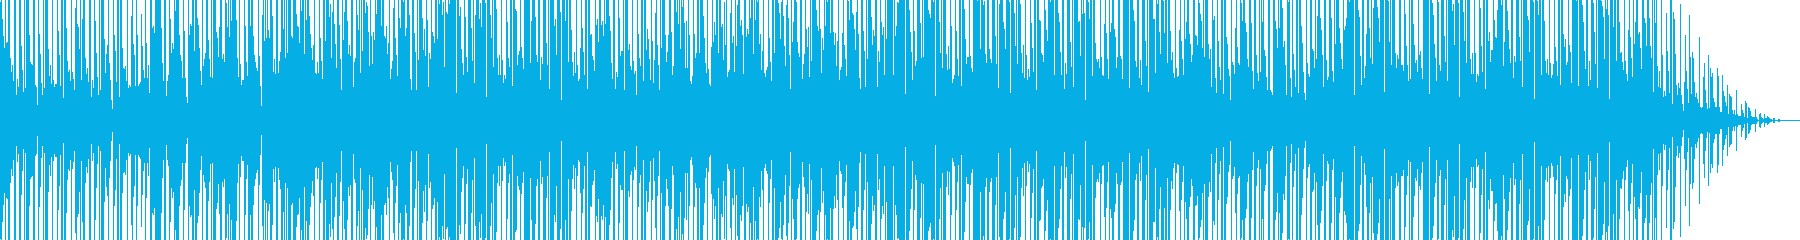 軽快なポップと少しヒップホップのミ...の再生済みの波形